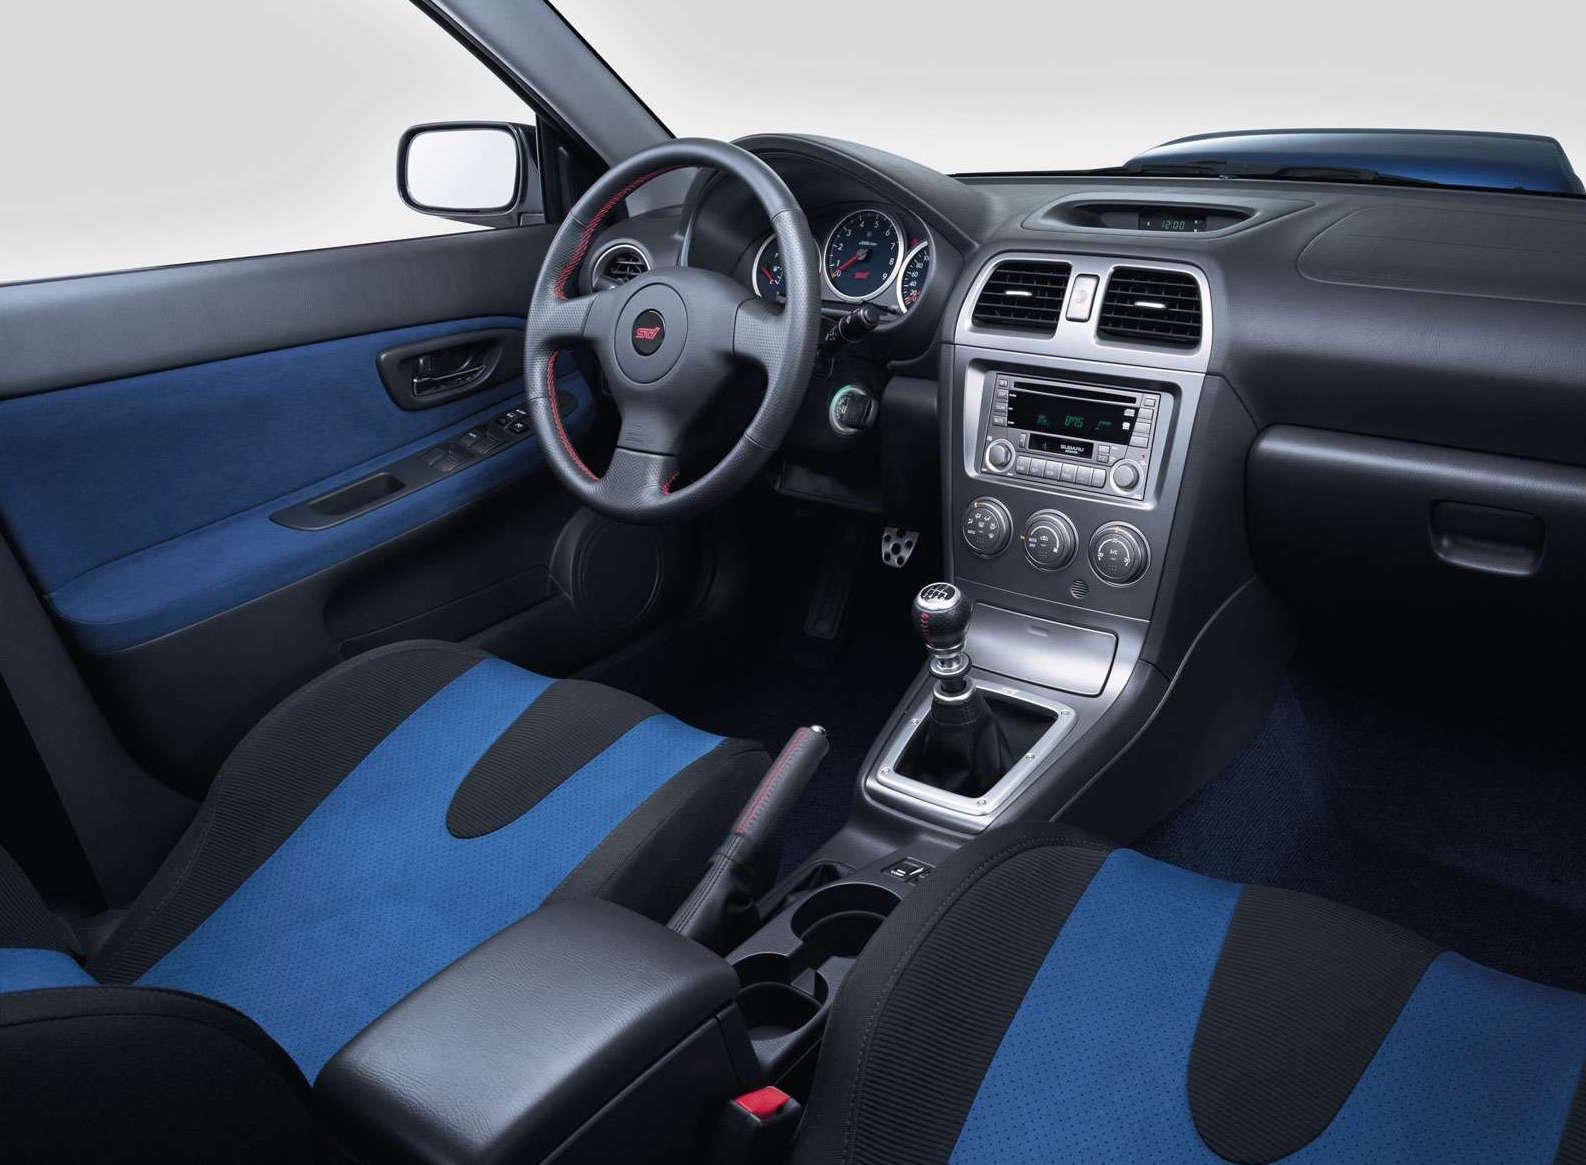 Subaru Impreza dettaglio visione del cruscotto dal passeggero